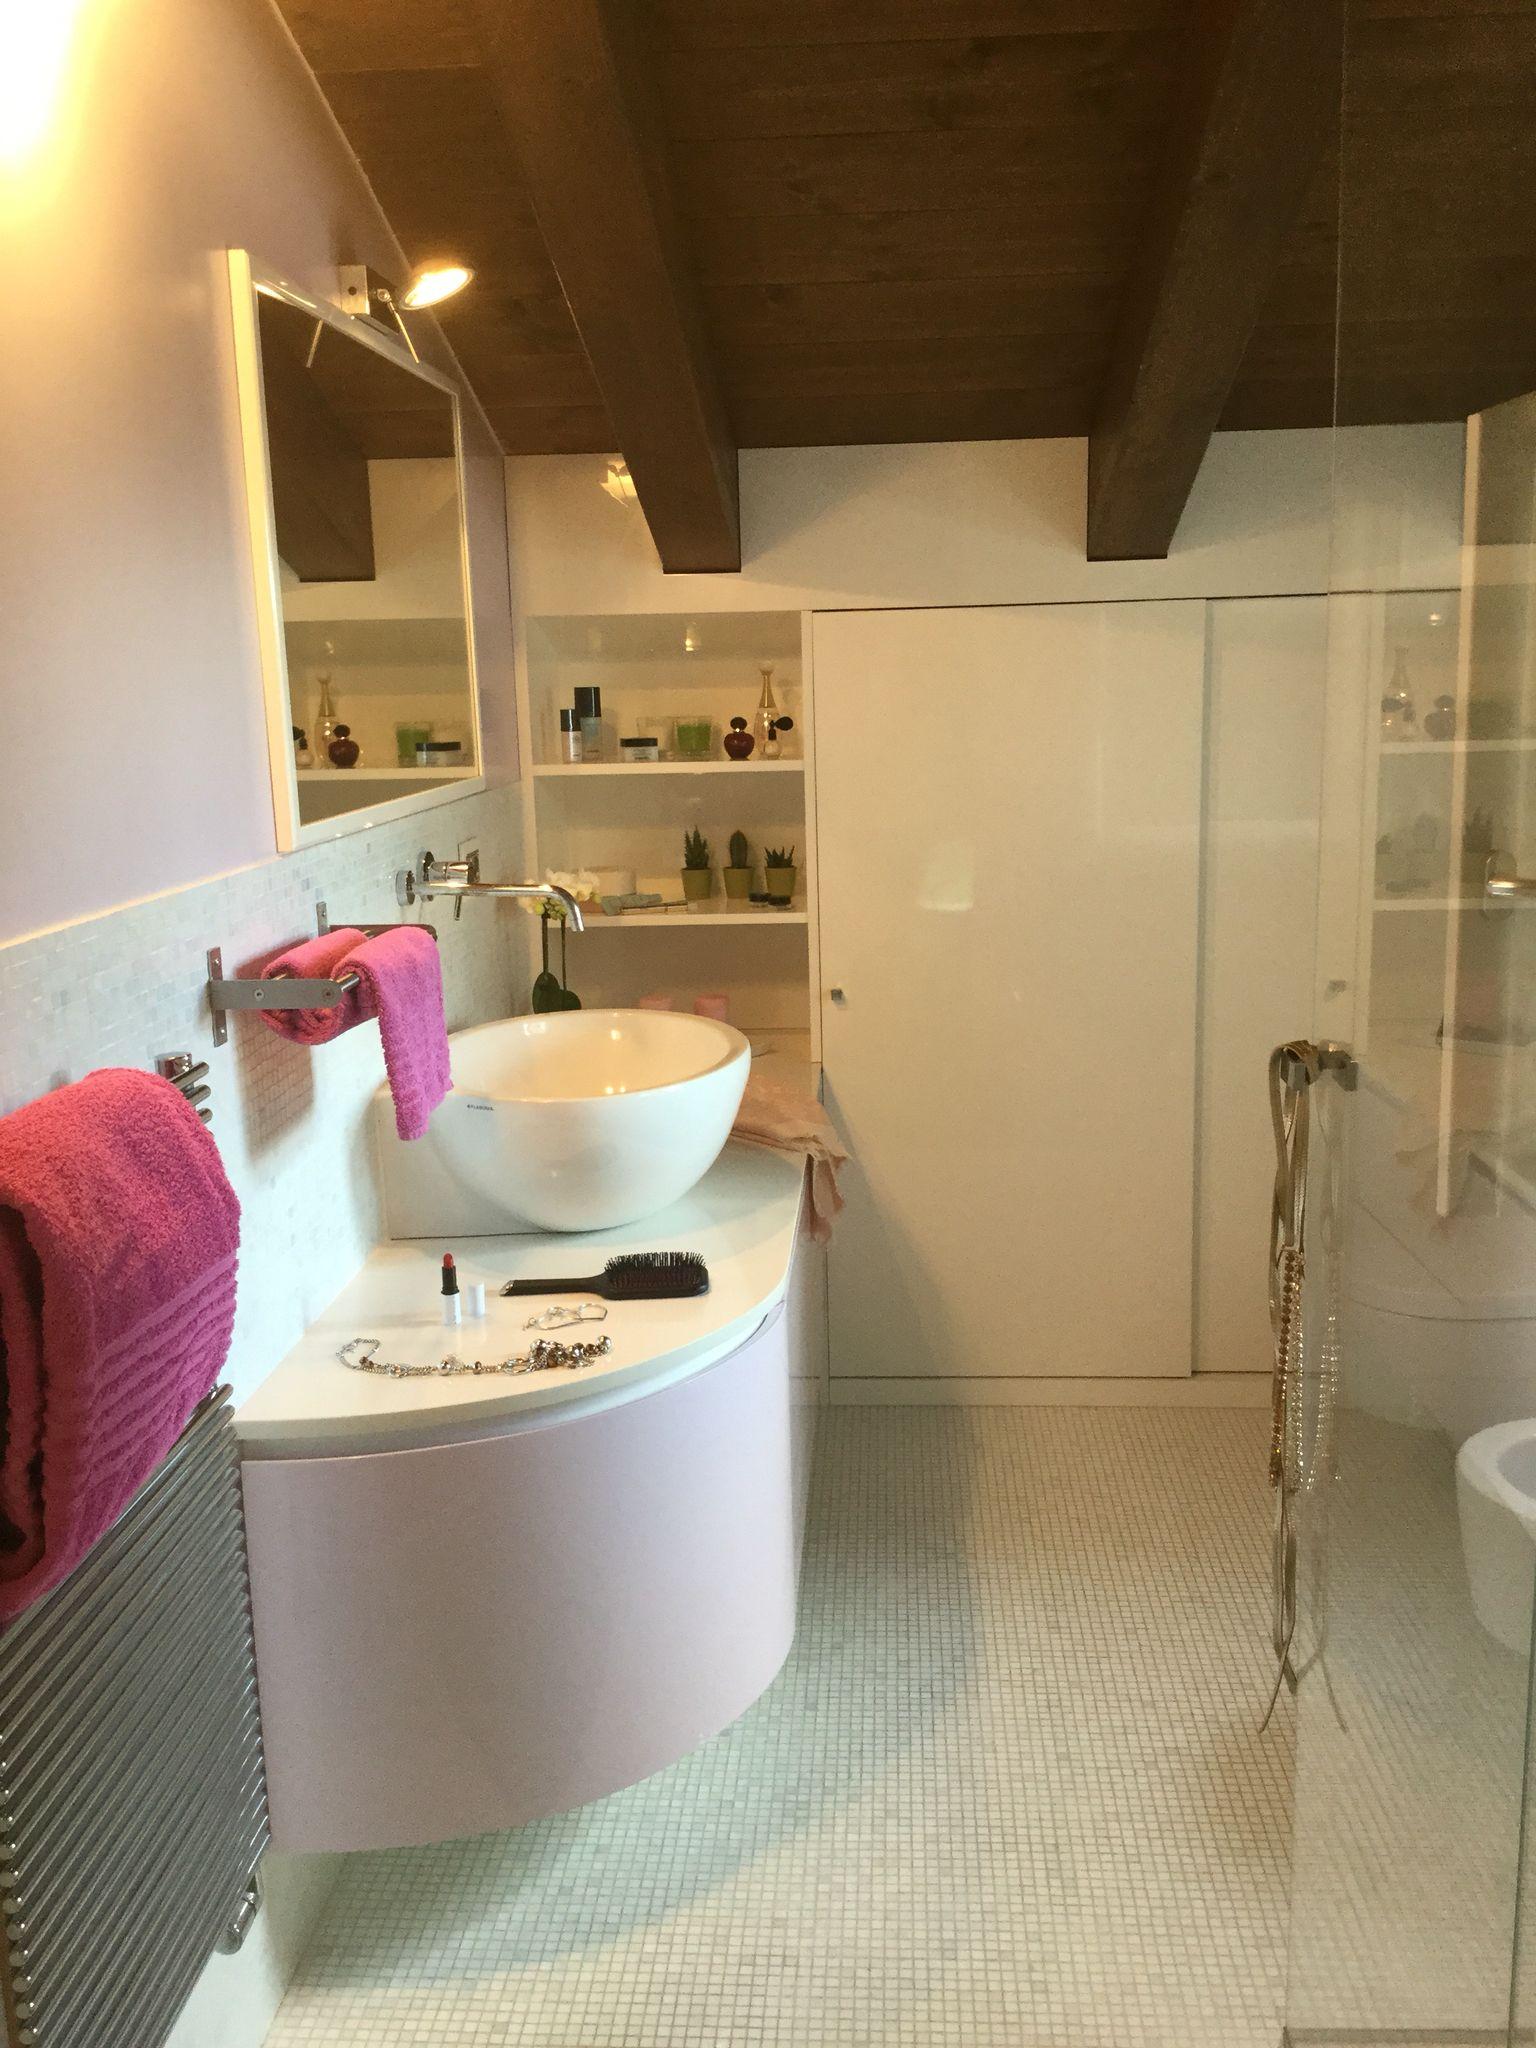 Arredo bagno personalizzato per mansarda laccato lucido bianco e glicine costituito da una parte